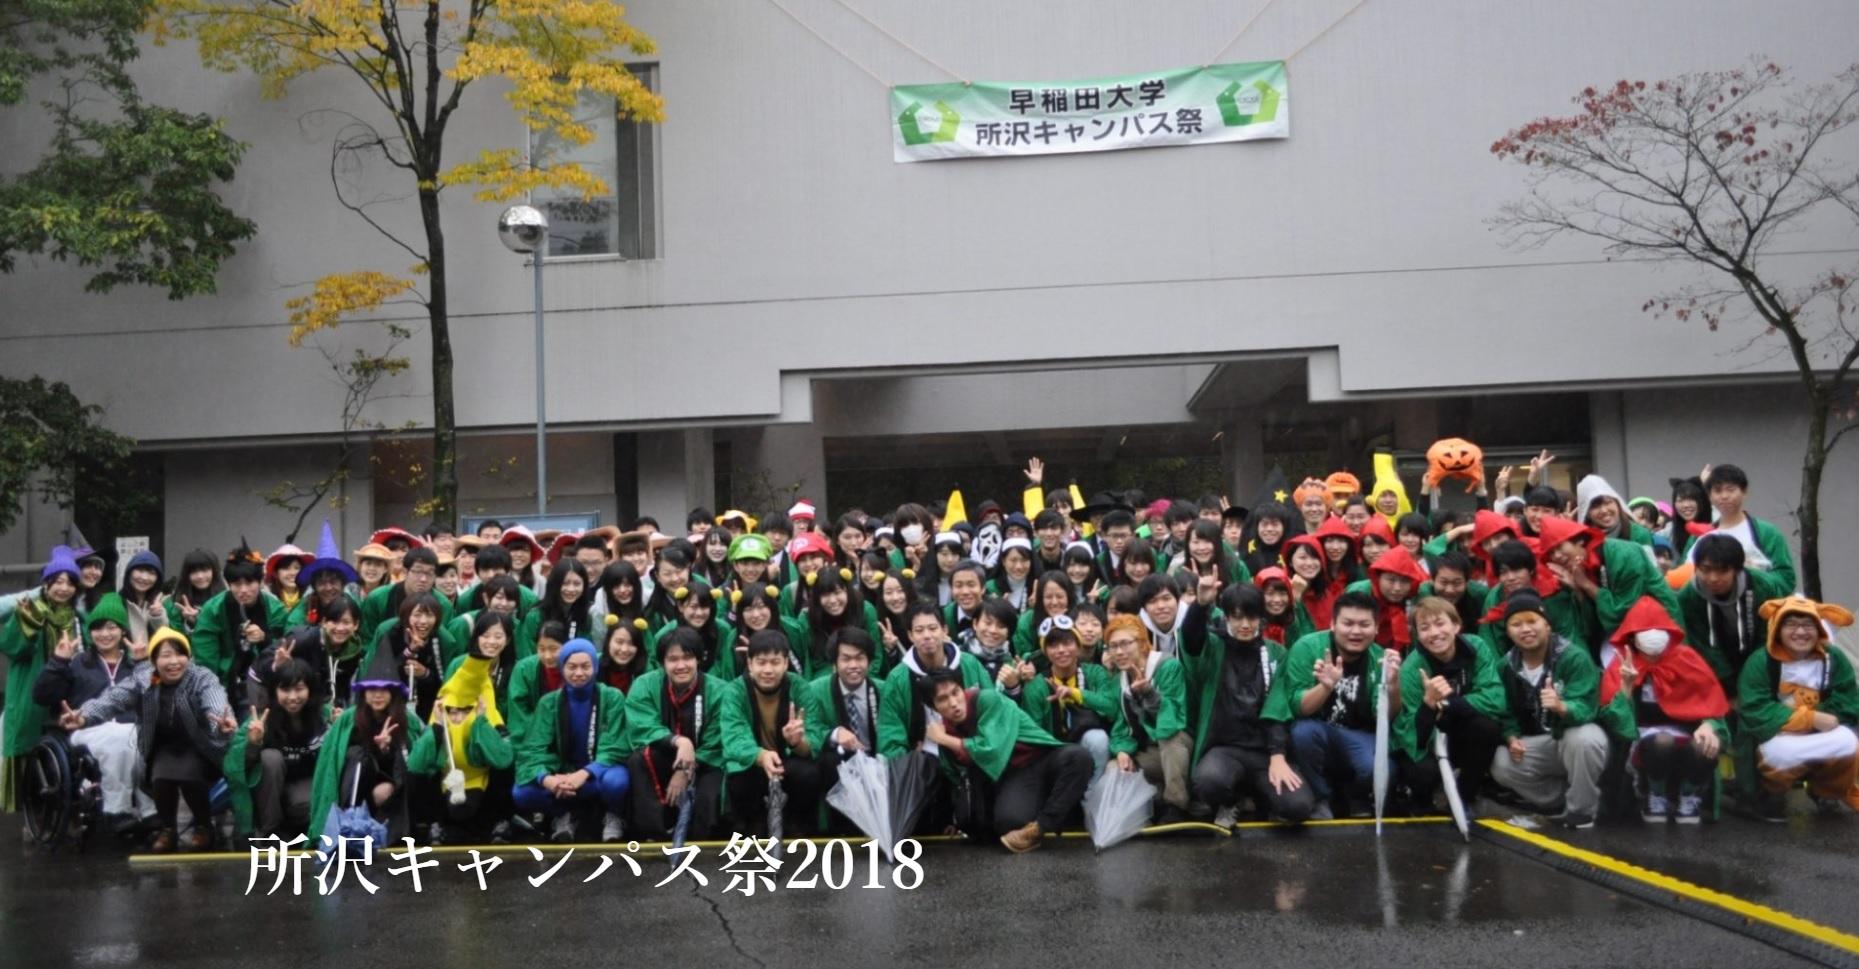 所沢キャンパス祭.jpg